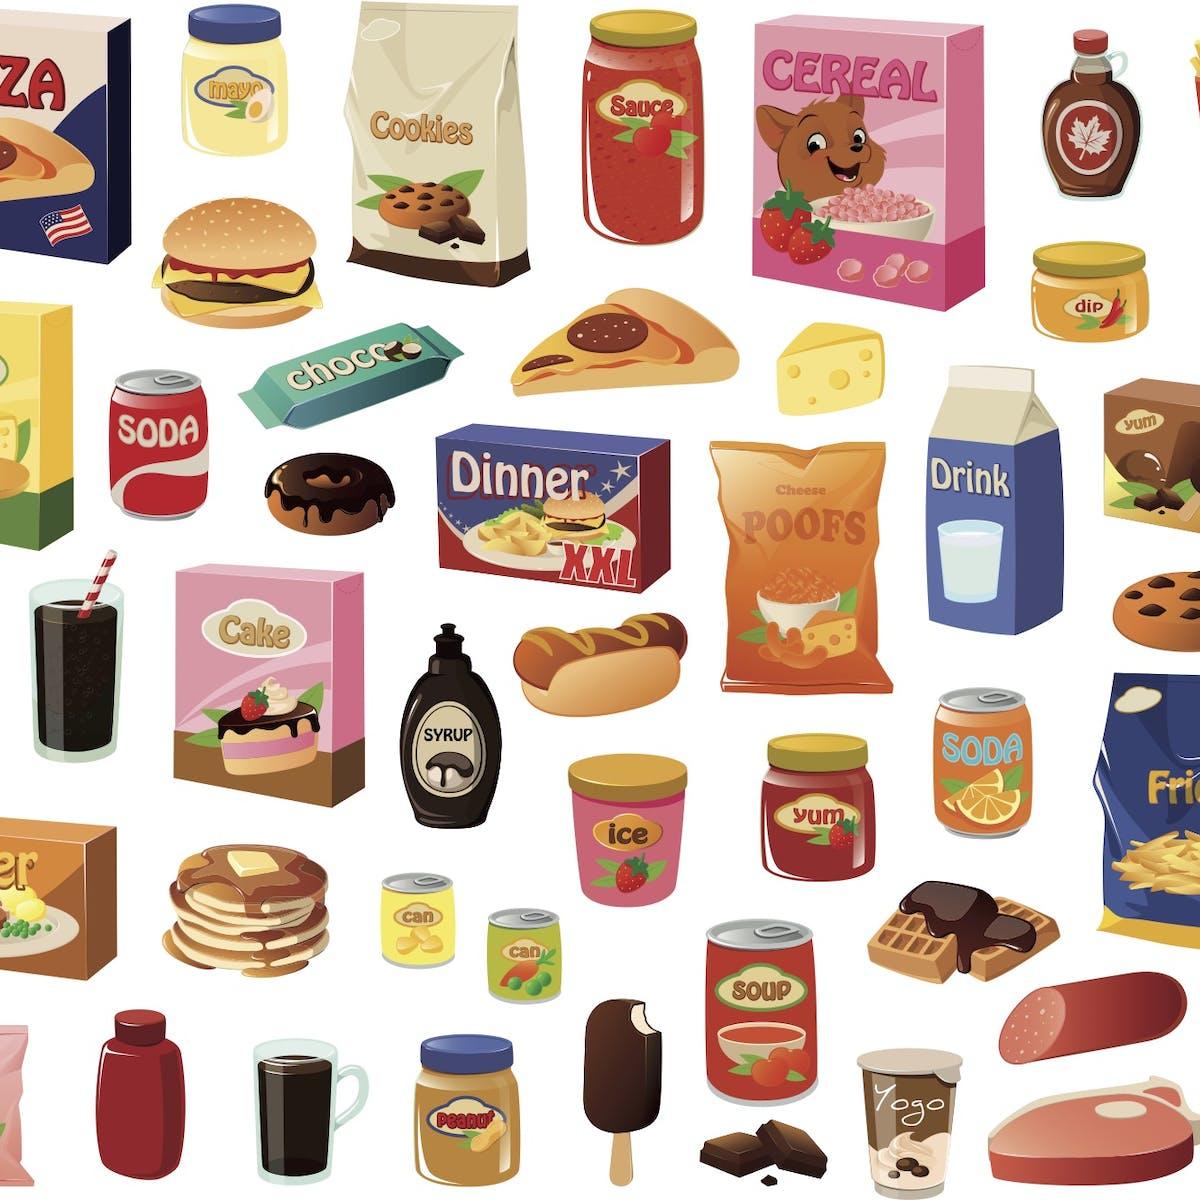 processed food - Traducere Română - Lizarder